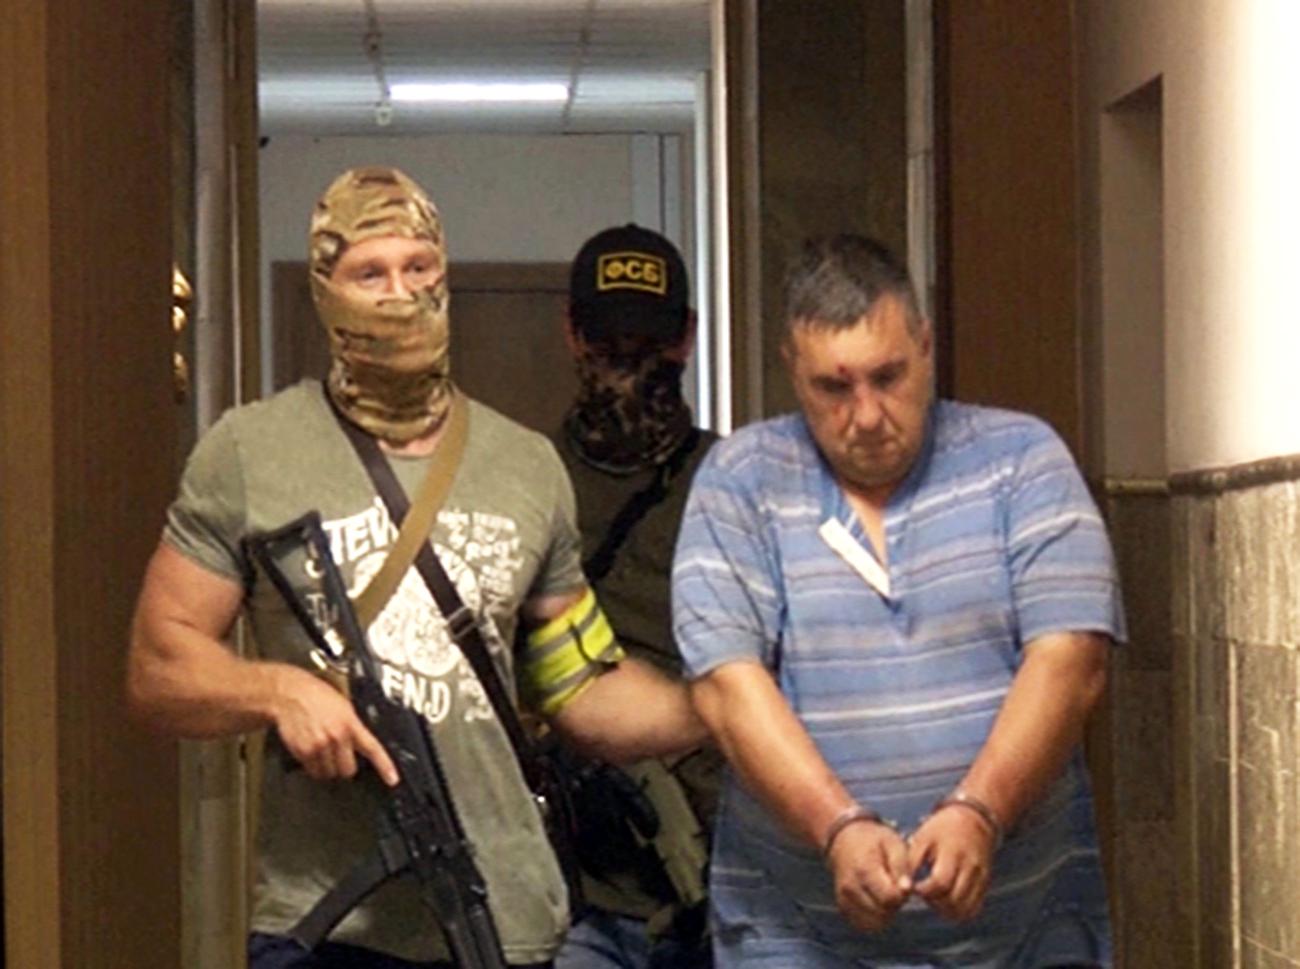 Nach Angaben des Geheimdienstes wurden ukrainische als auch russische Staatsangehörige, die als Agenten des ukrainischen Verteidigungsministeriums an der versuchten Sabotage beteiligt gewesen sein sollen, festgenommen. Sie legten derzeit Geständnisse ab.